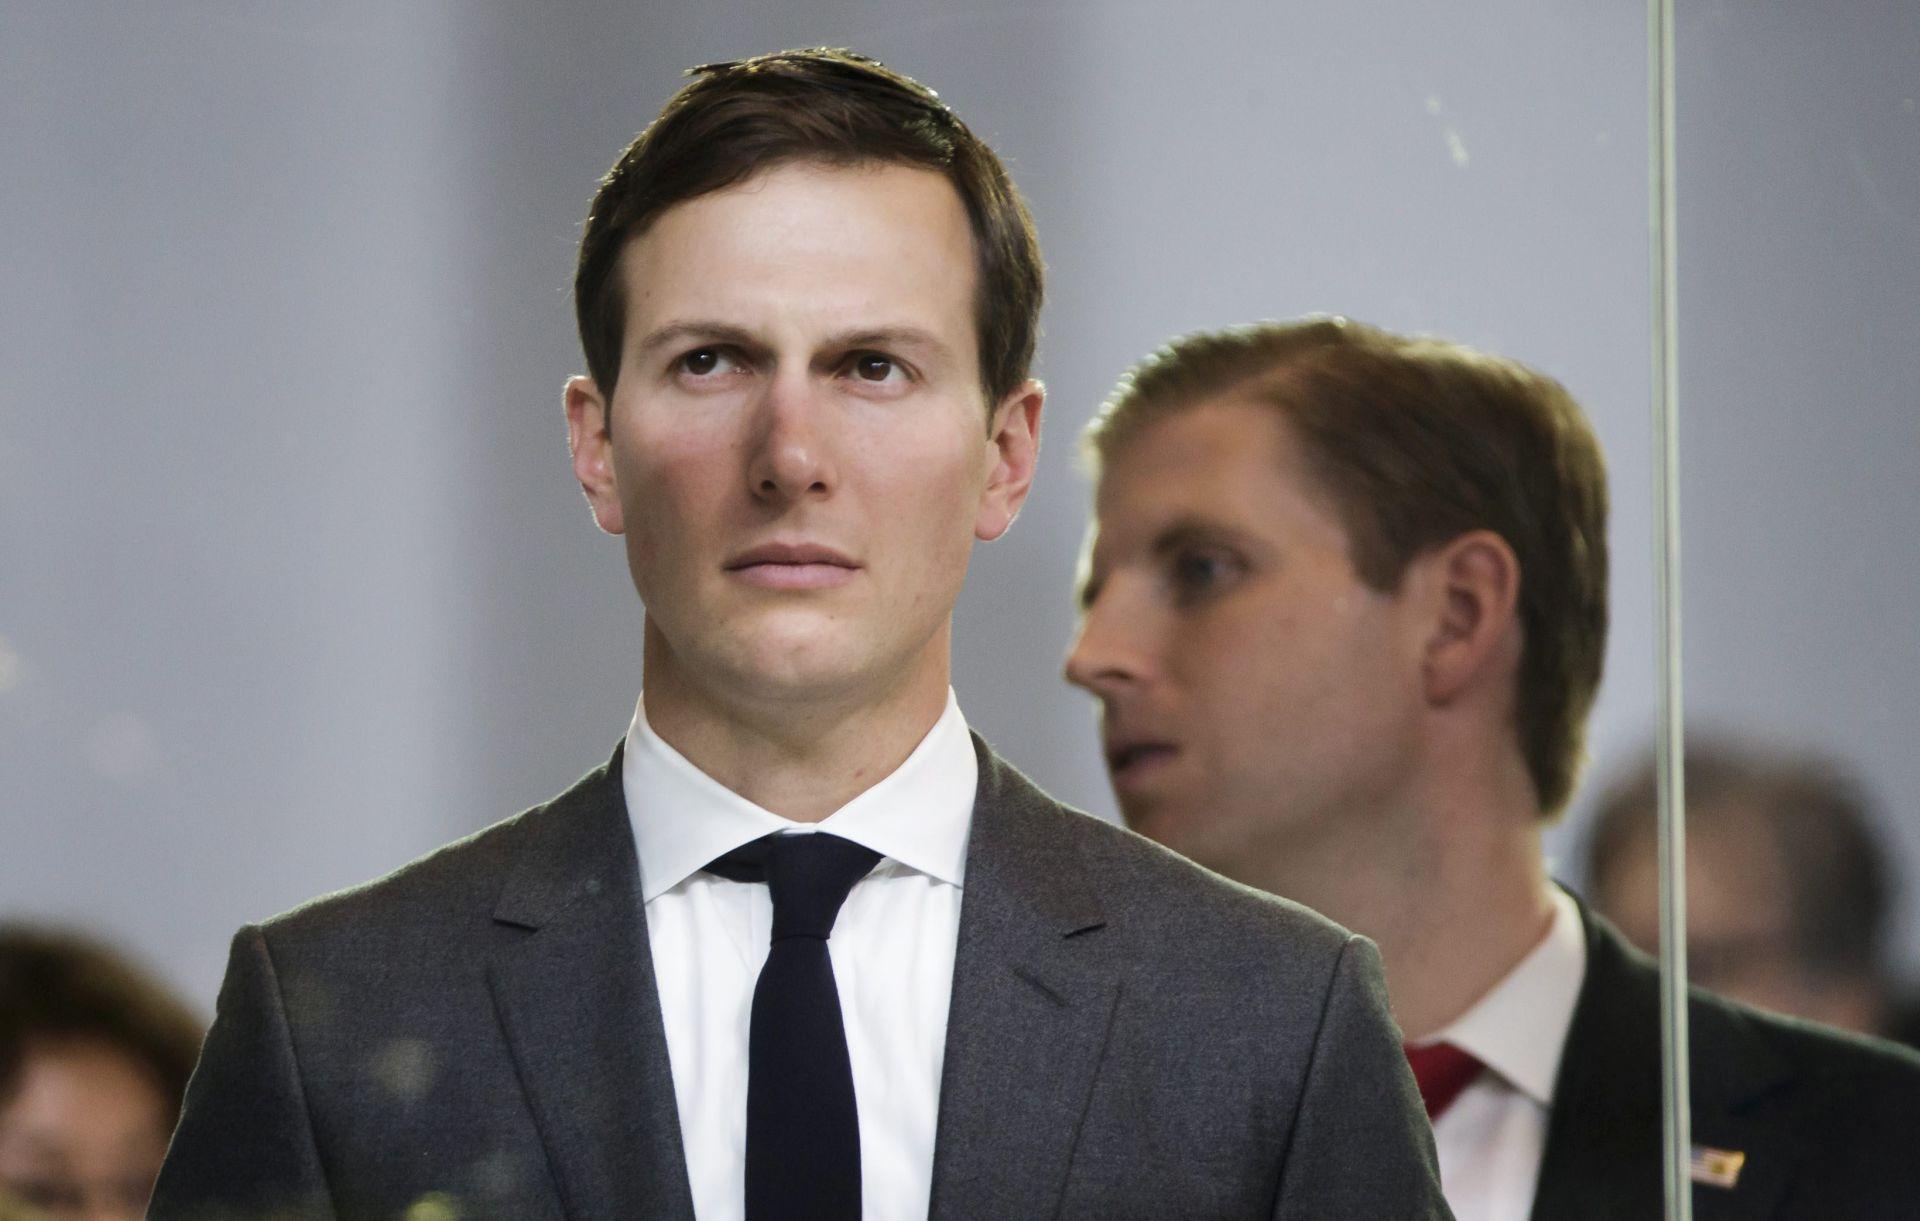 MINISTARSTVO PRAVOSUĐA: Trumpov zet Kushner može biti savjetnik Bijele kuće